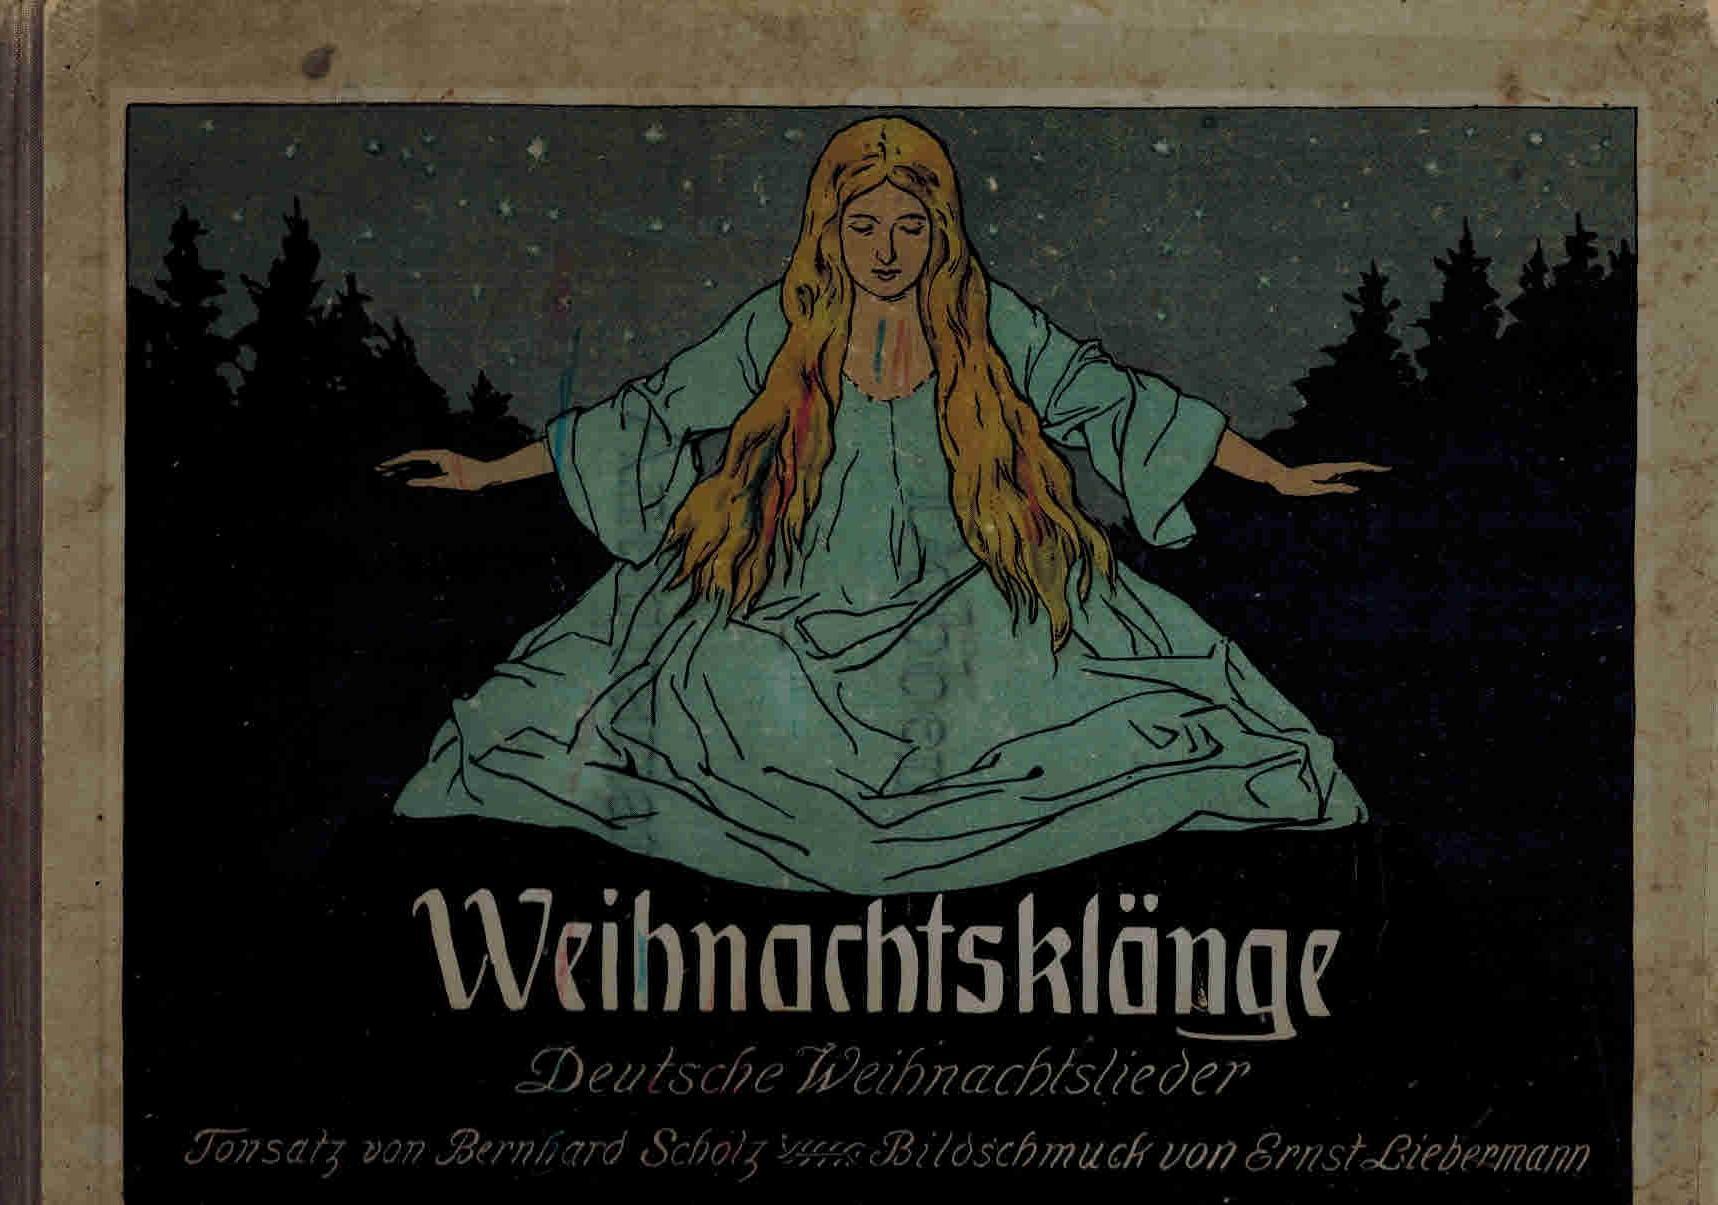 weihnachtsklänge deutsche weihnachtslieder von scholz - ZVAB